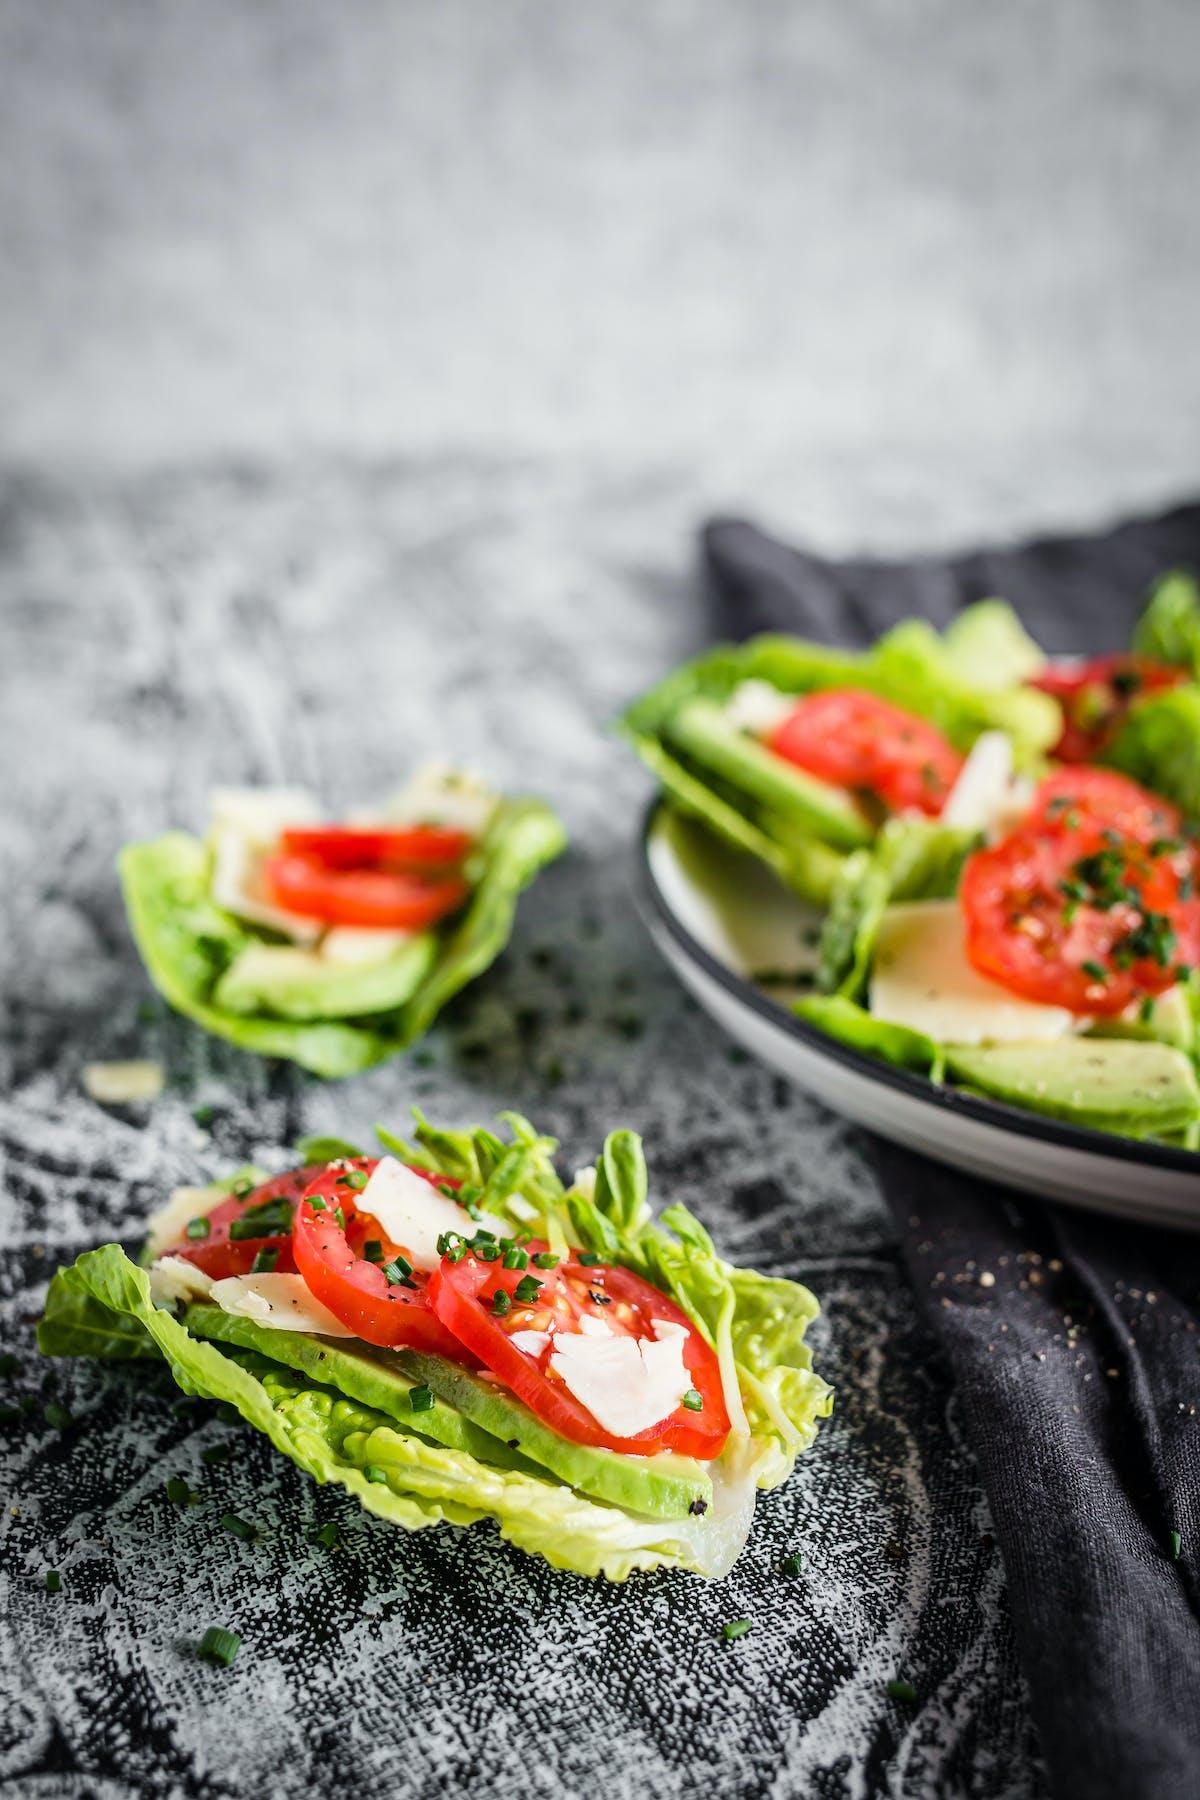 Sándwiches de ensalada